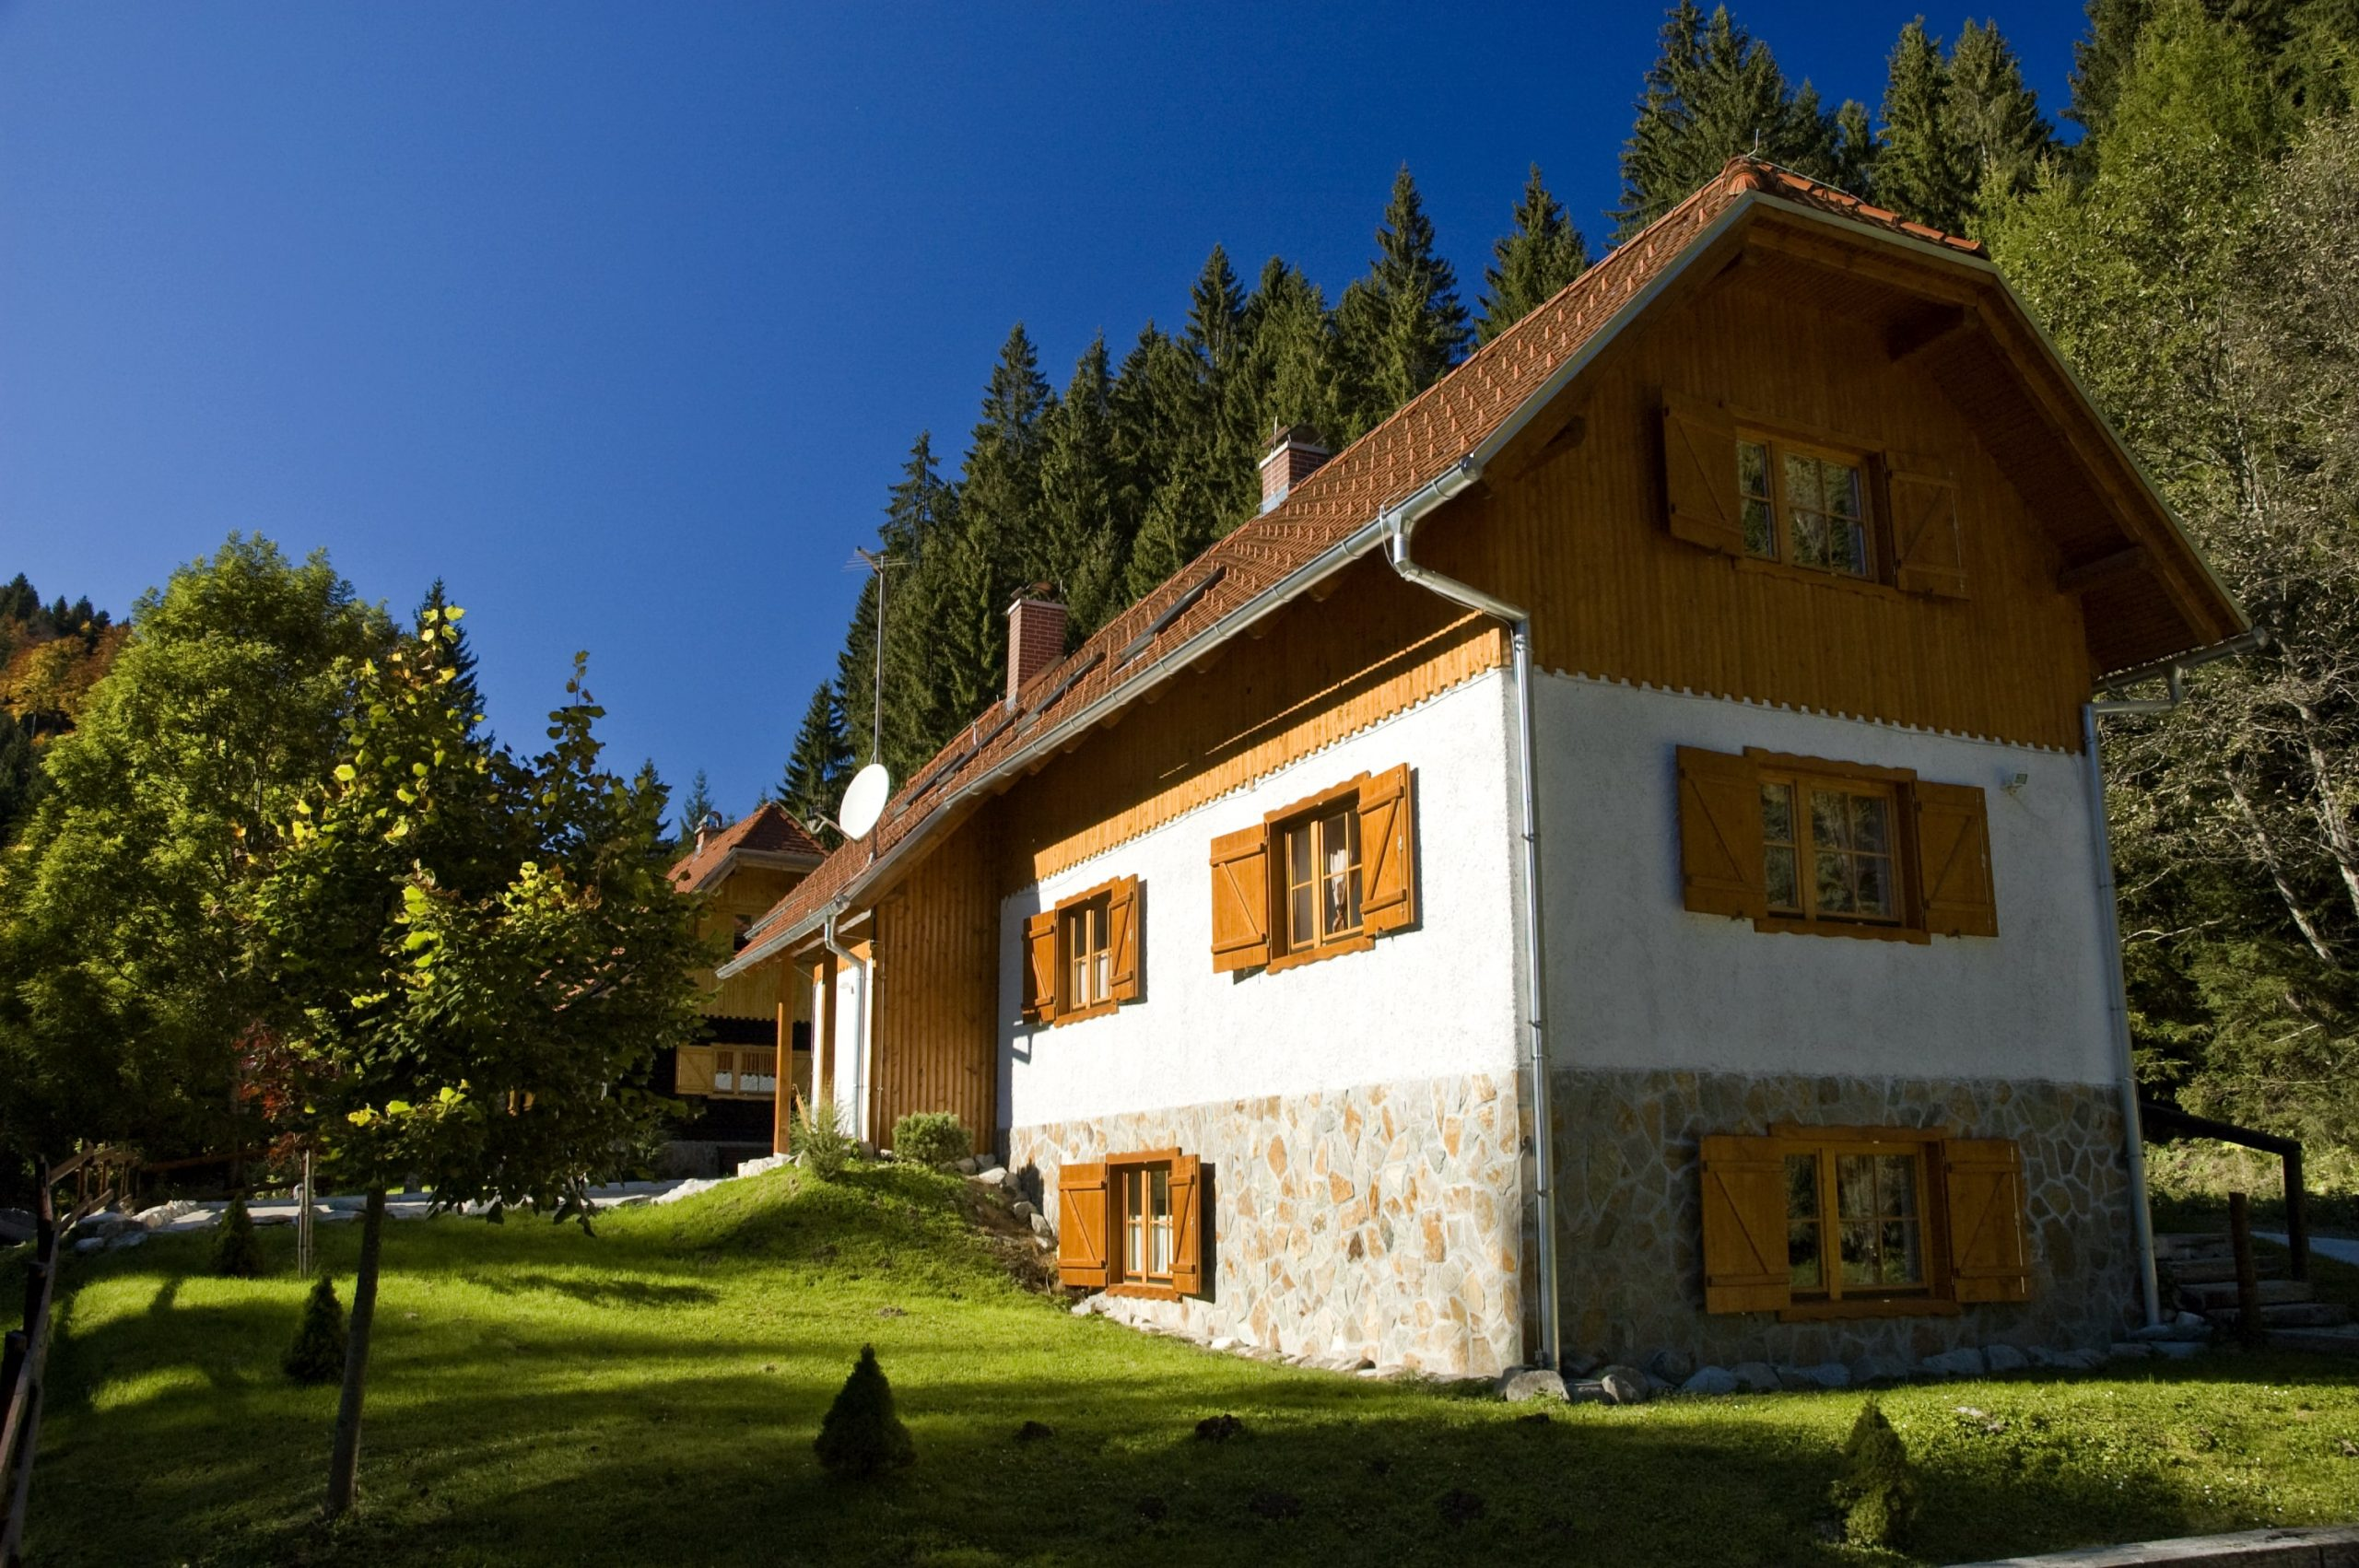 Pohorska hiša 2 pozimi